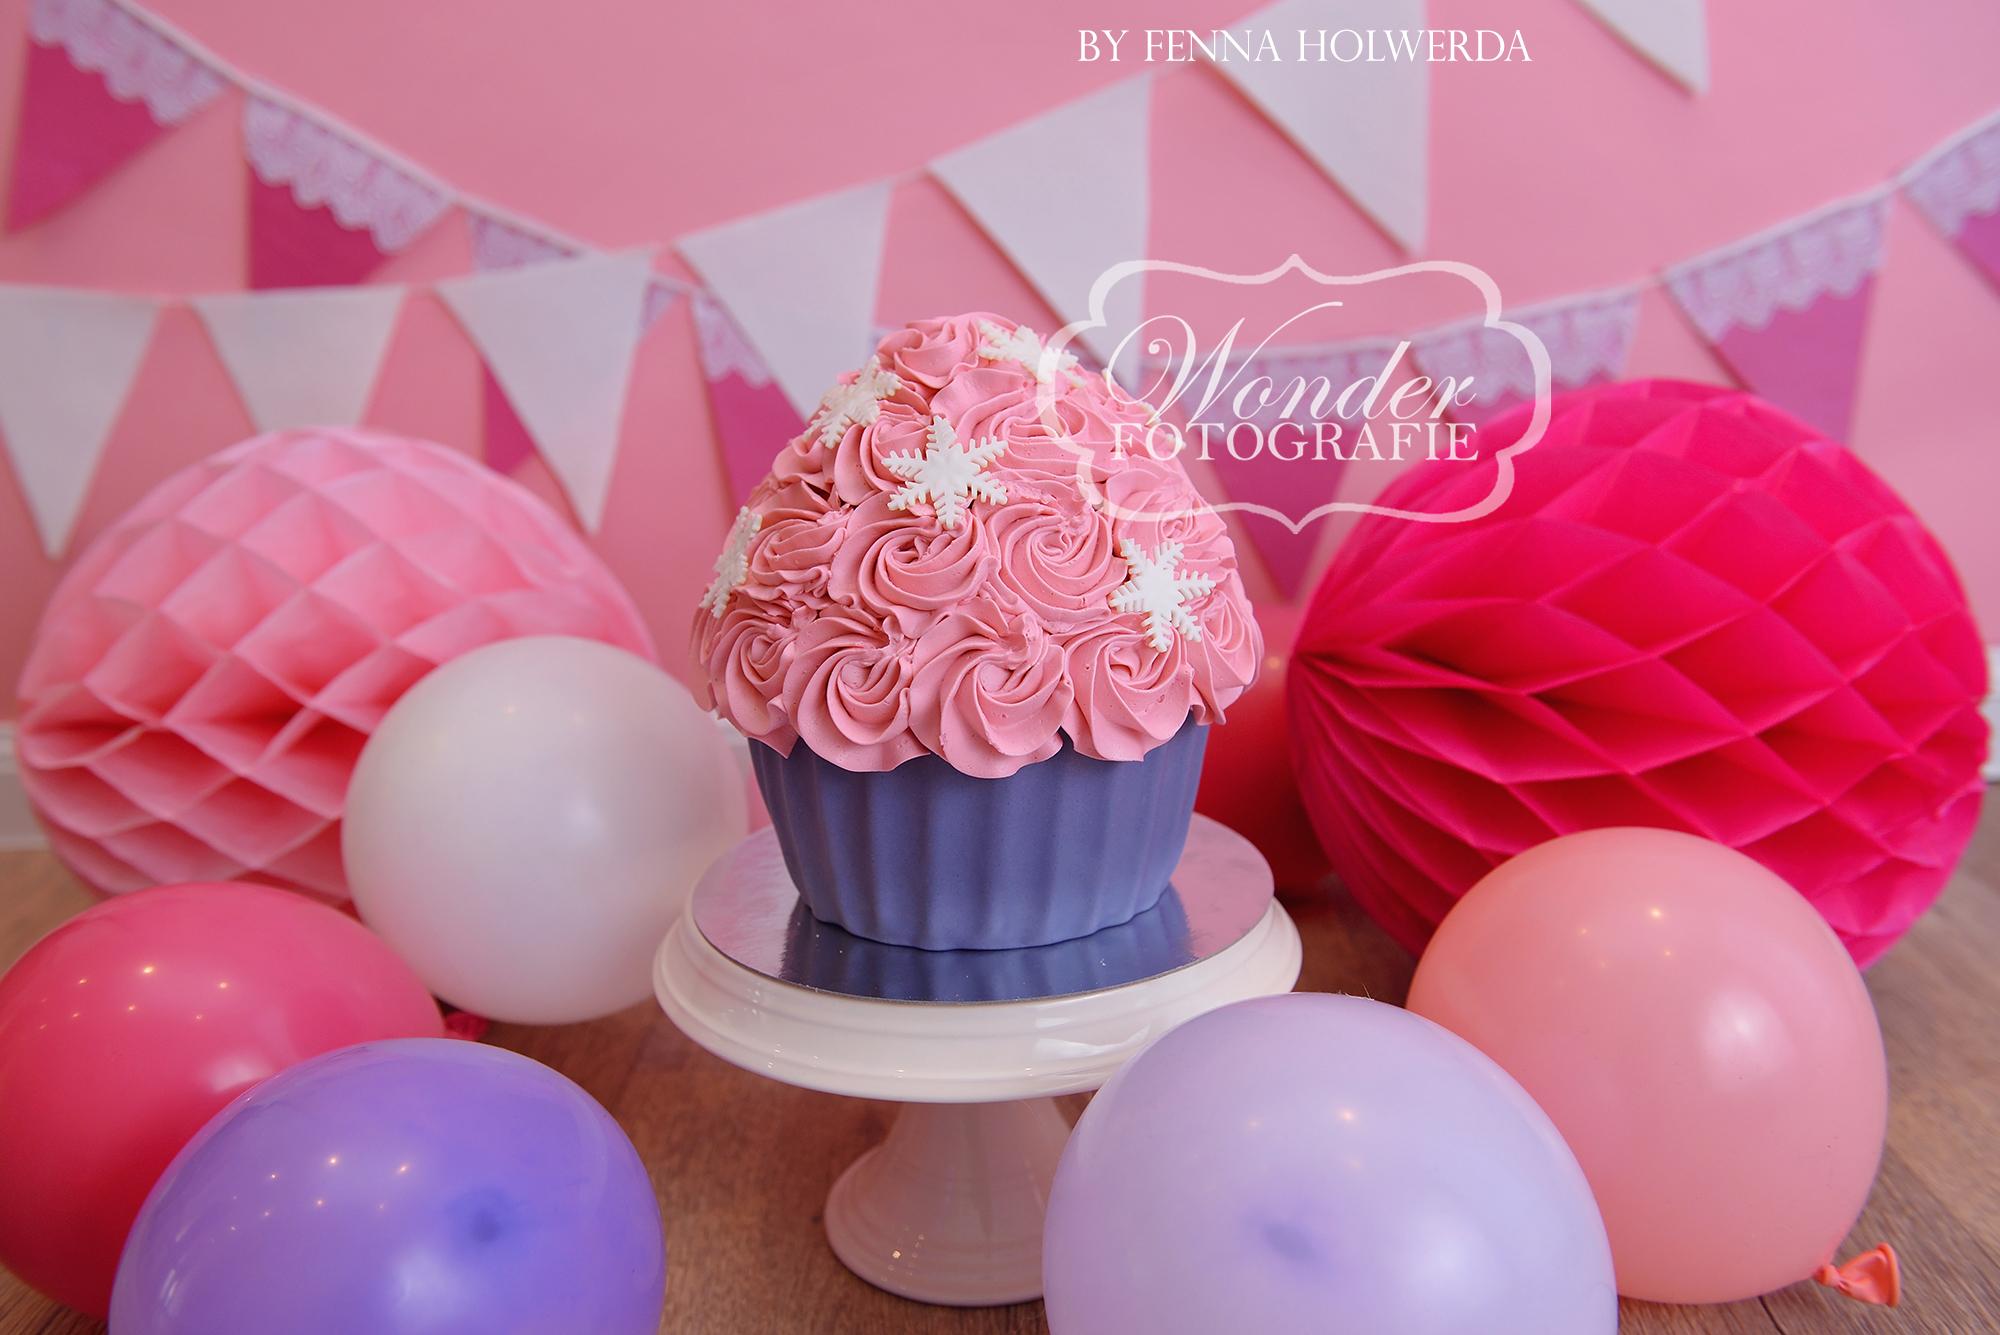 Cake smash fotoshoot taart giant cupcake thema inspiratie jongen meisje11